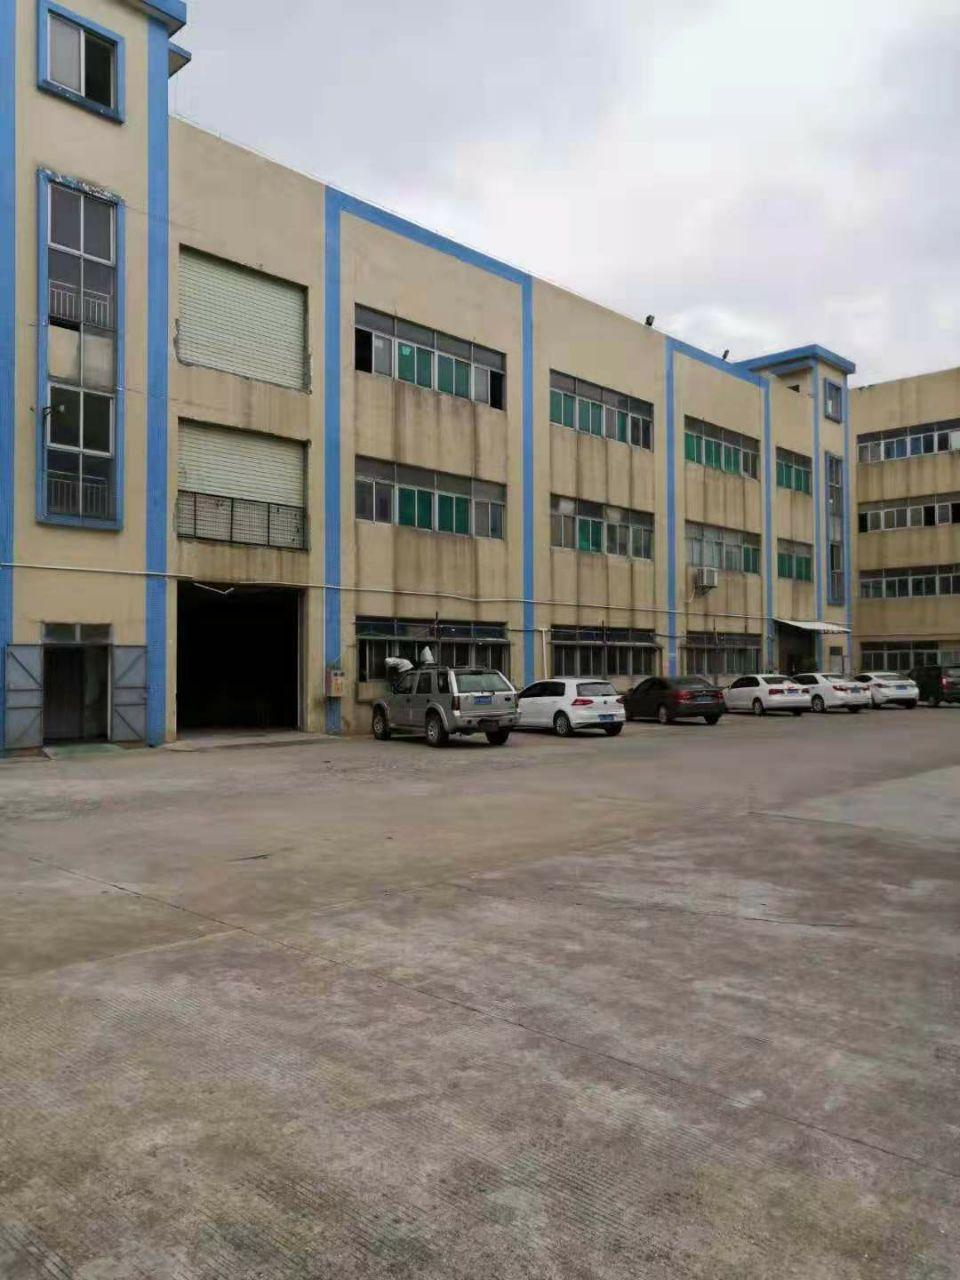 新出道滘镇厂房出租独栋标准厂房1-4层5120平